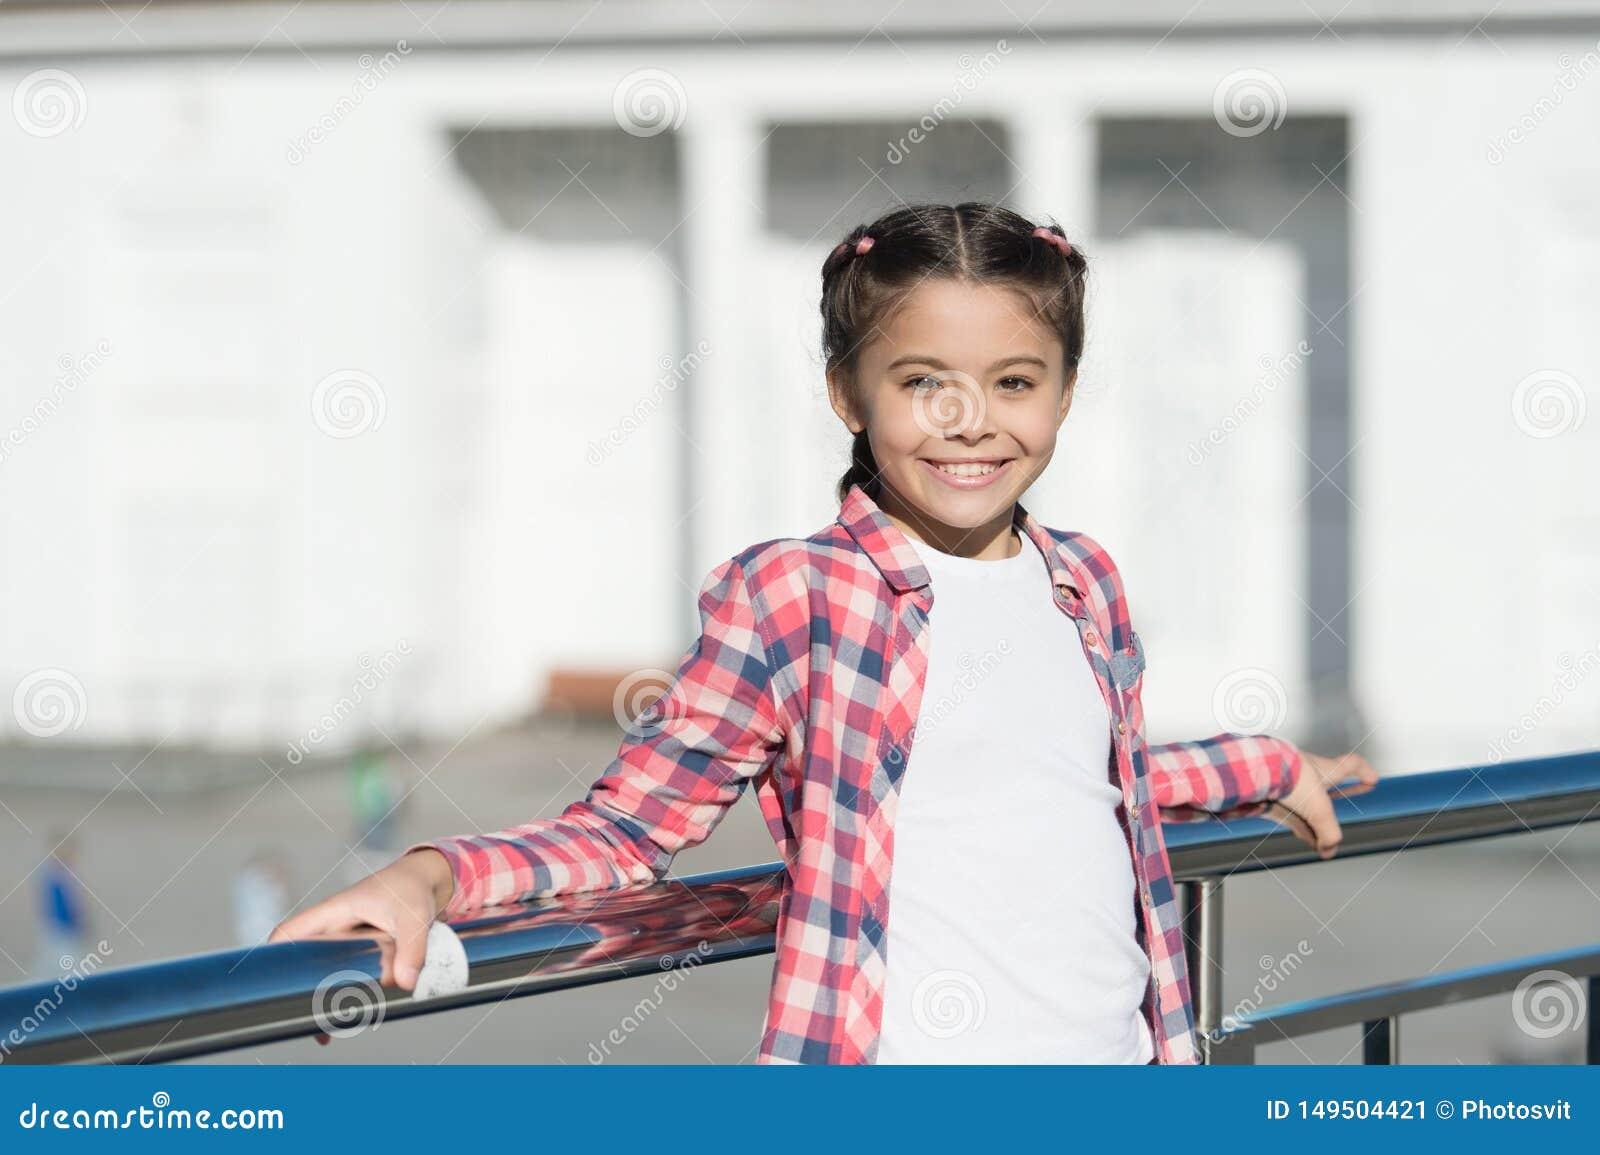 Op??es do lazer Tempo livre e lazer Fundo urbano da crian?a bonito da menina Atividades para adolescentes f?rias e lazer